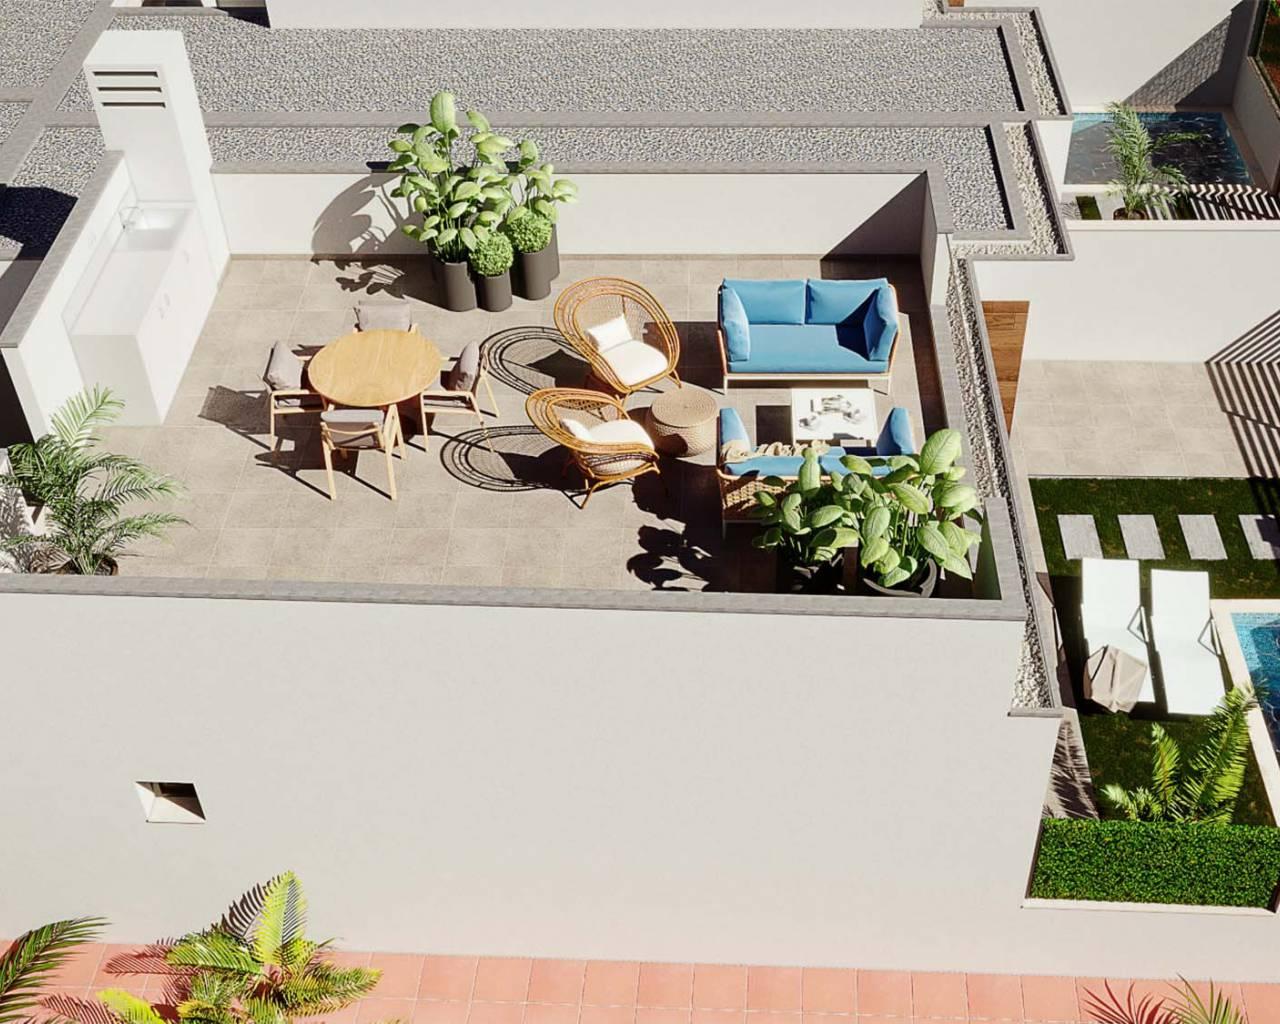 nieuwbouw-geschakelde-woning-duplex-torre-pacheco-dolores_5569_xl